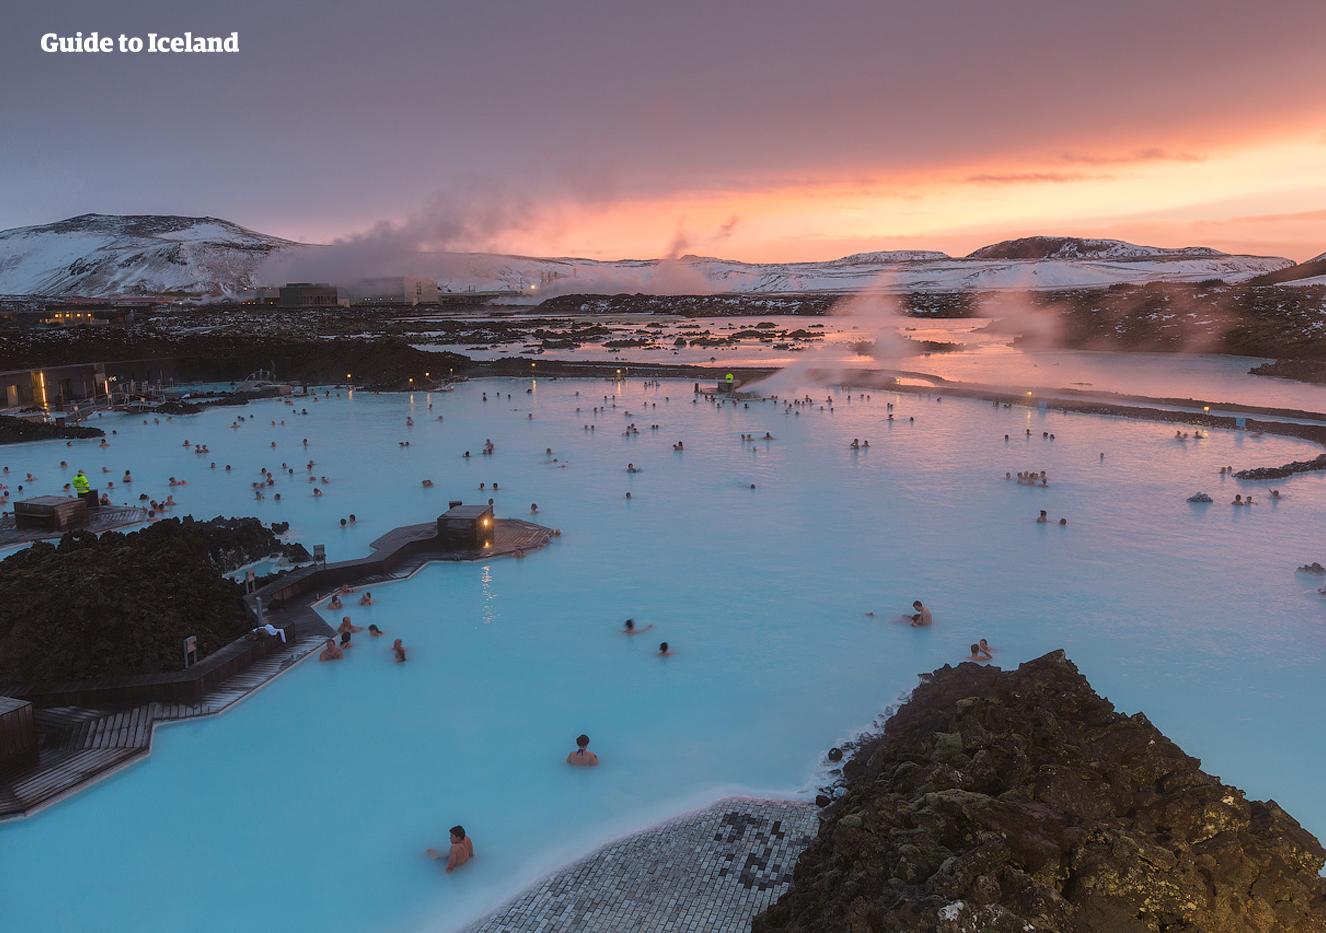 11 dni, samodzielna podróż | Wycieczka dookoła Islandii i dzień w Reykjaviku - day 1